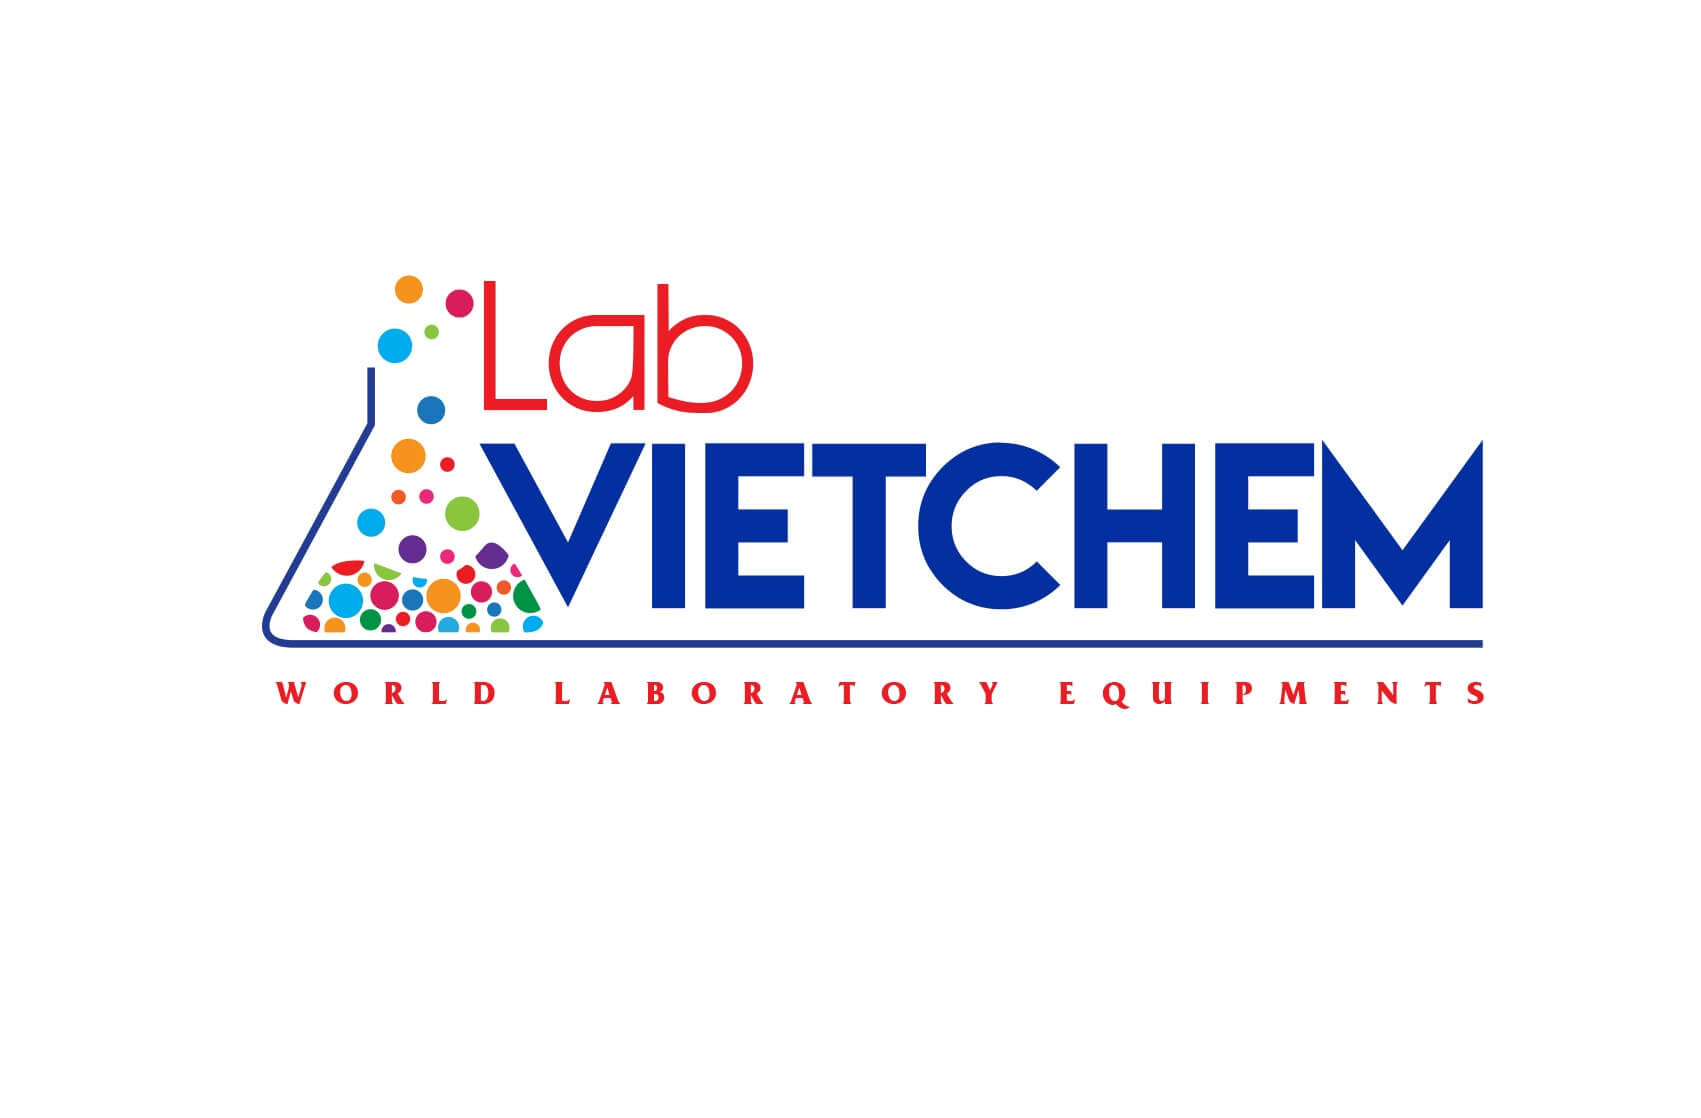 Thương hiệu LabVIETCHEM đã khẳng định được chỗ đứng trên thị trường trong cung ứng thiết bị phòng Lab